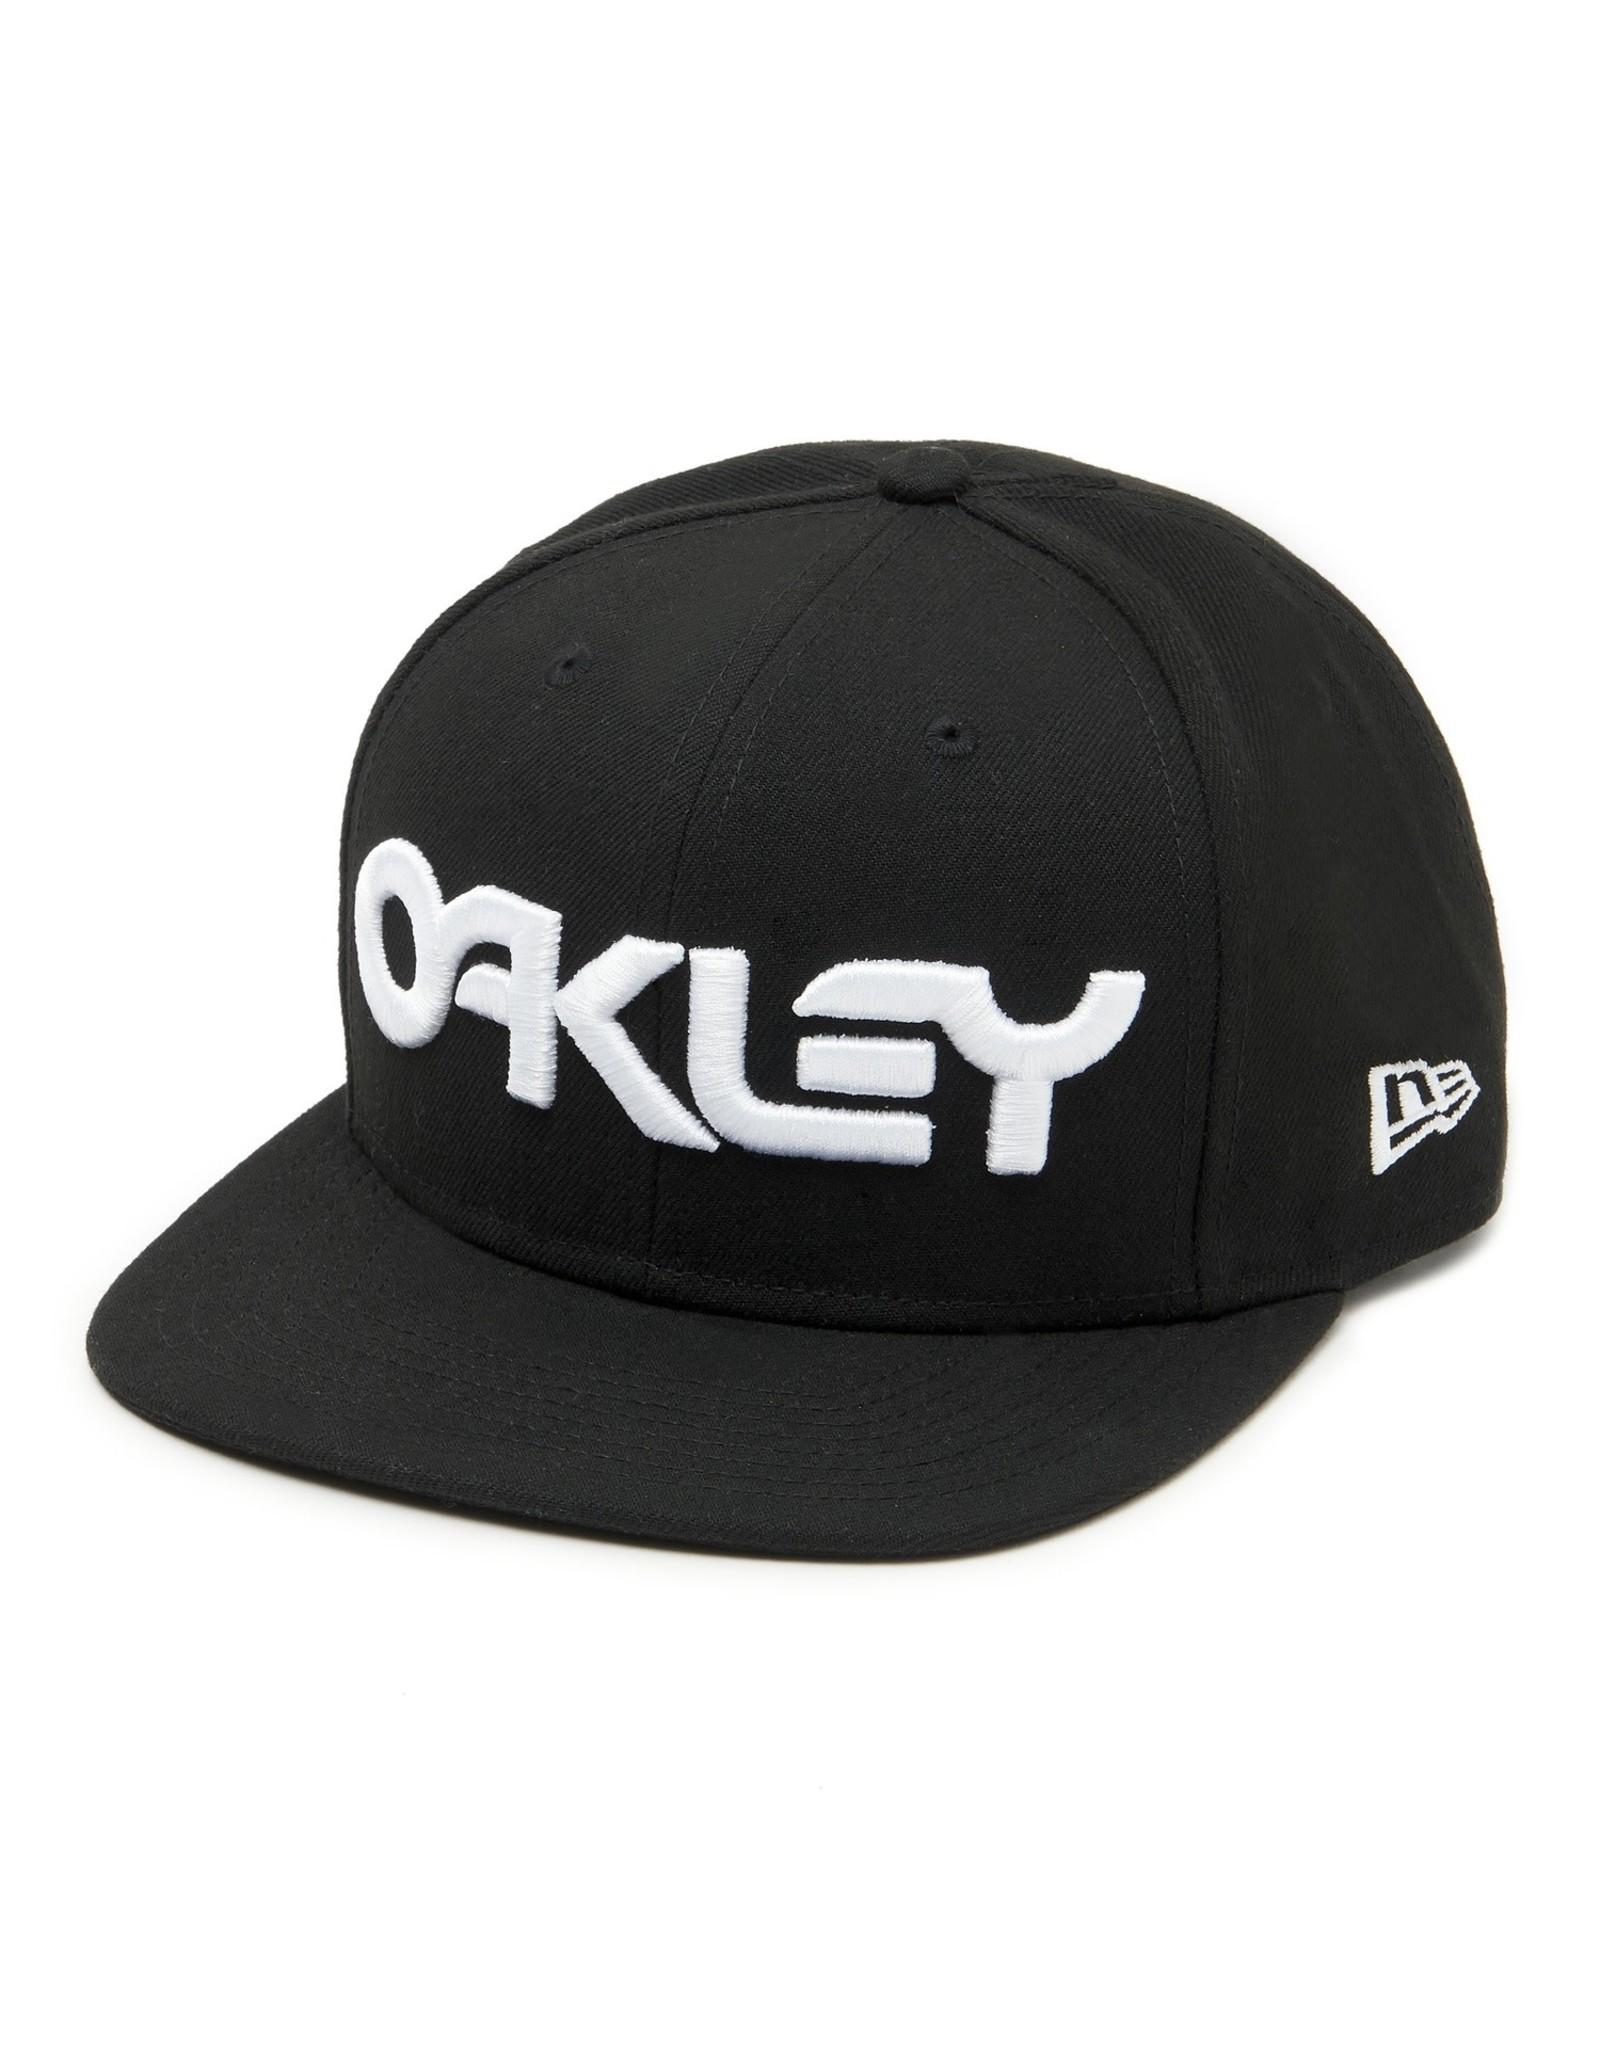 Oakley Oakley - MARK II NOVELTY SNAP BACK Blackout One Size (U)